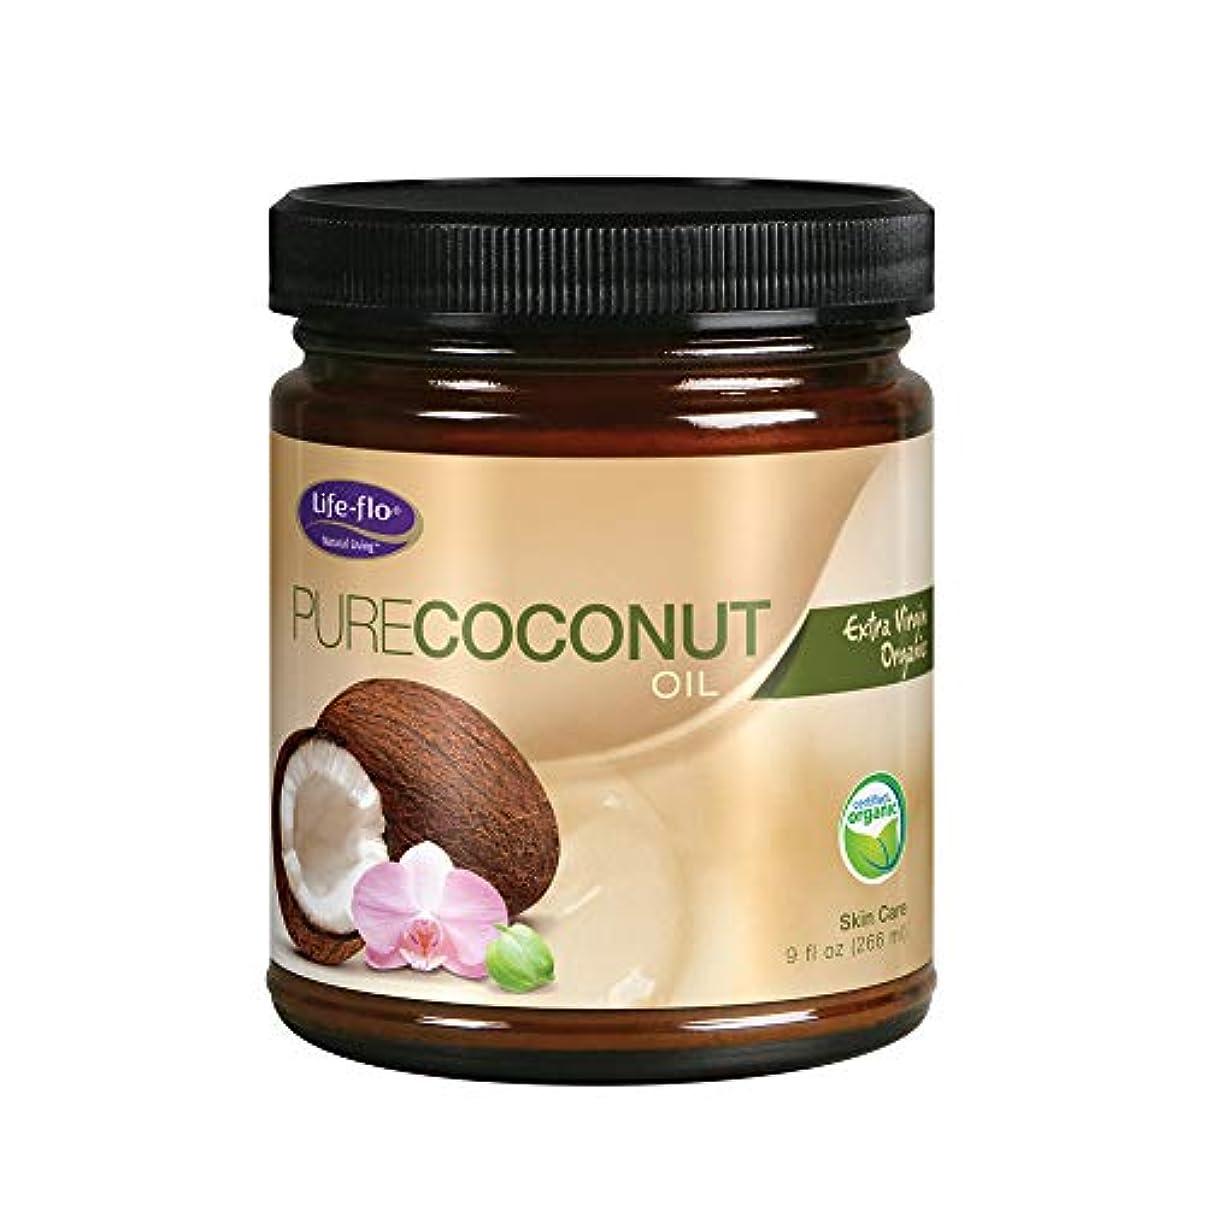 トリプル許すアプト海外直送品Life-Flo Pure Coconut Oil Organic Extra Virgin, 9 oz